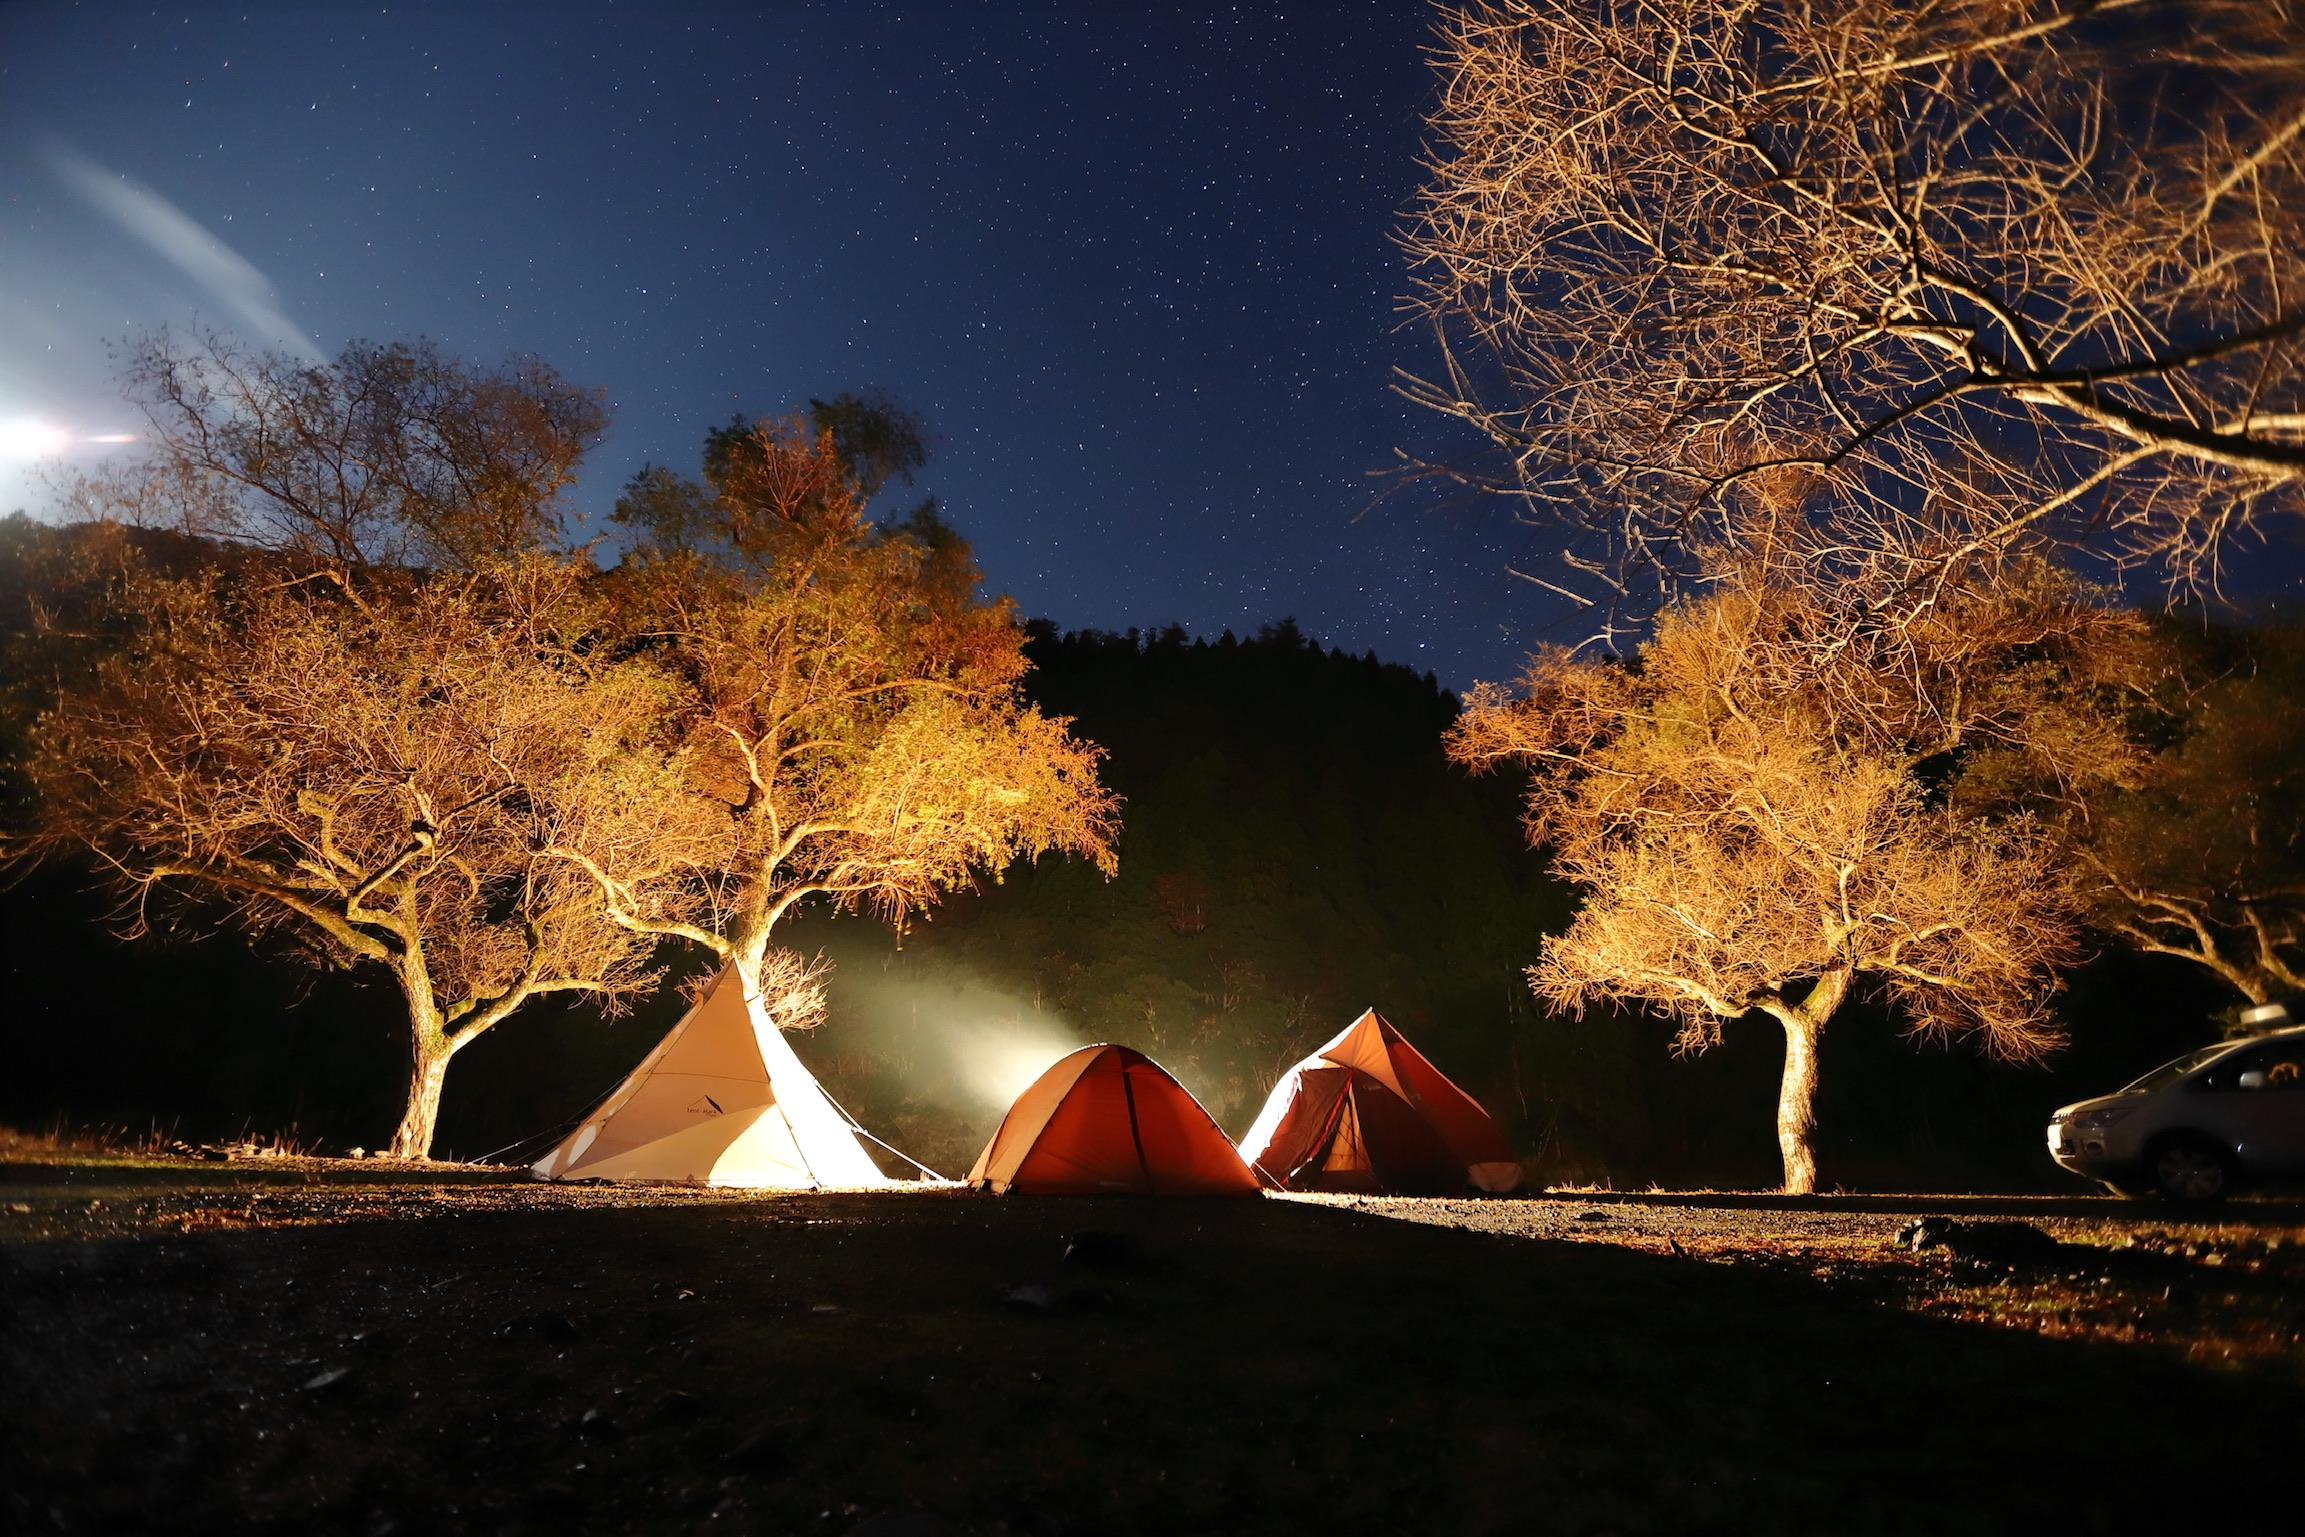 川のそばでキャンプができる公園♪ 桑野橋河川公園(朽木キャンプ場)